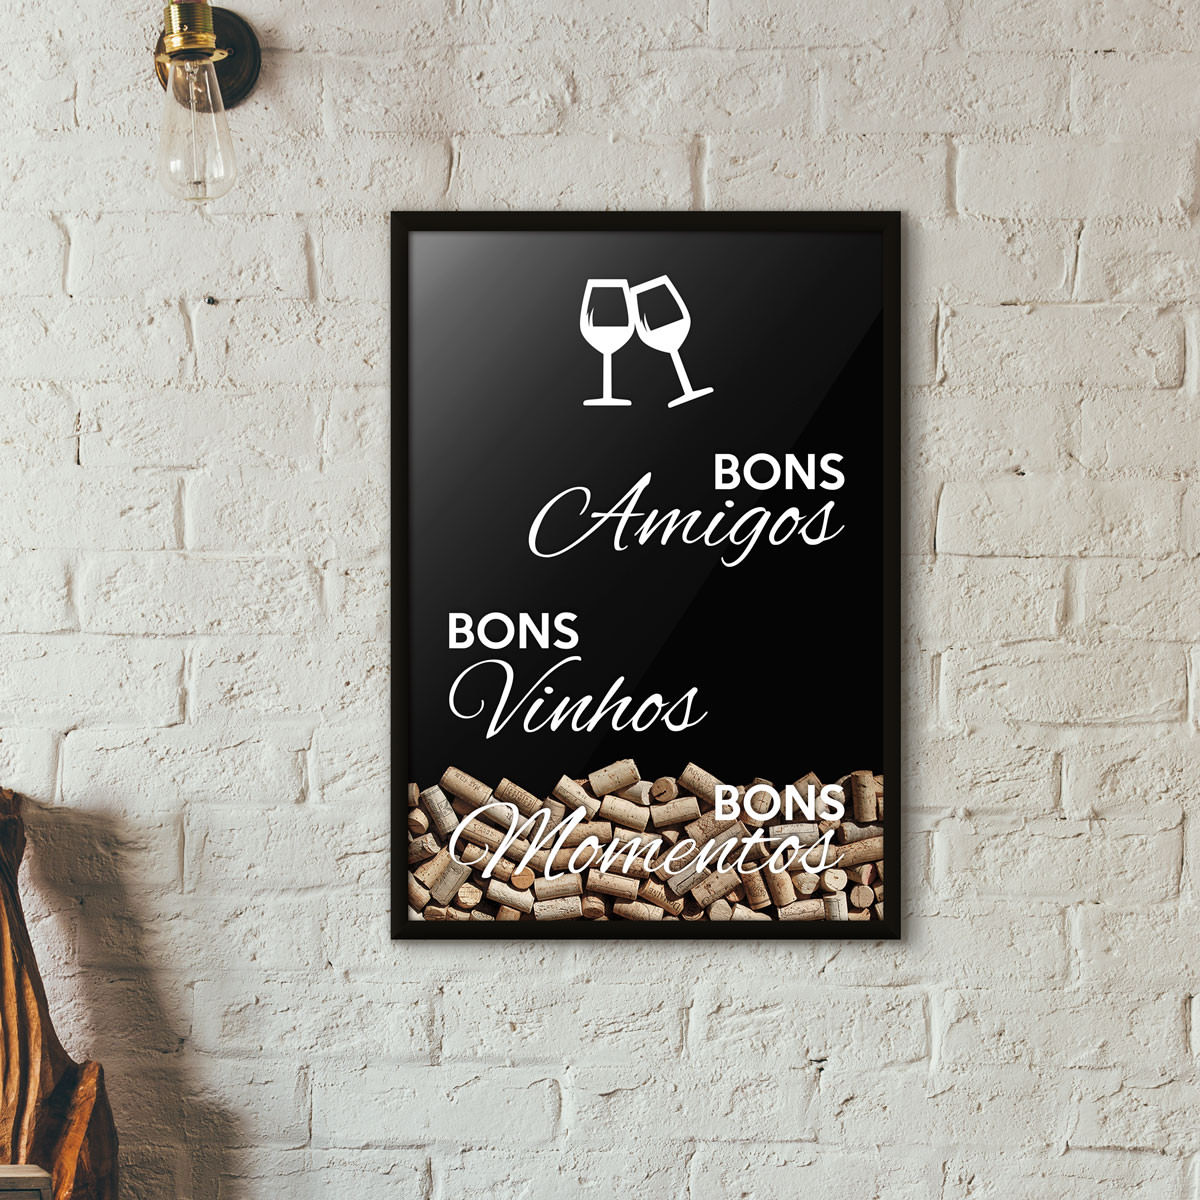 """Quadro Porta Rolhas de Vinho - """"Bons Amigos Bons Vinhos Bons Momentos"""" Preto"""